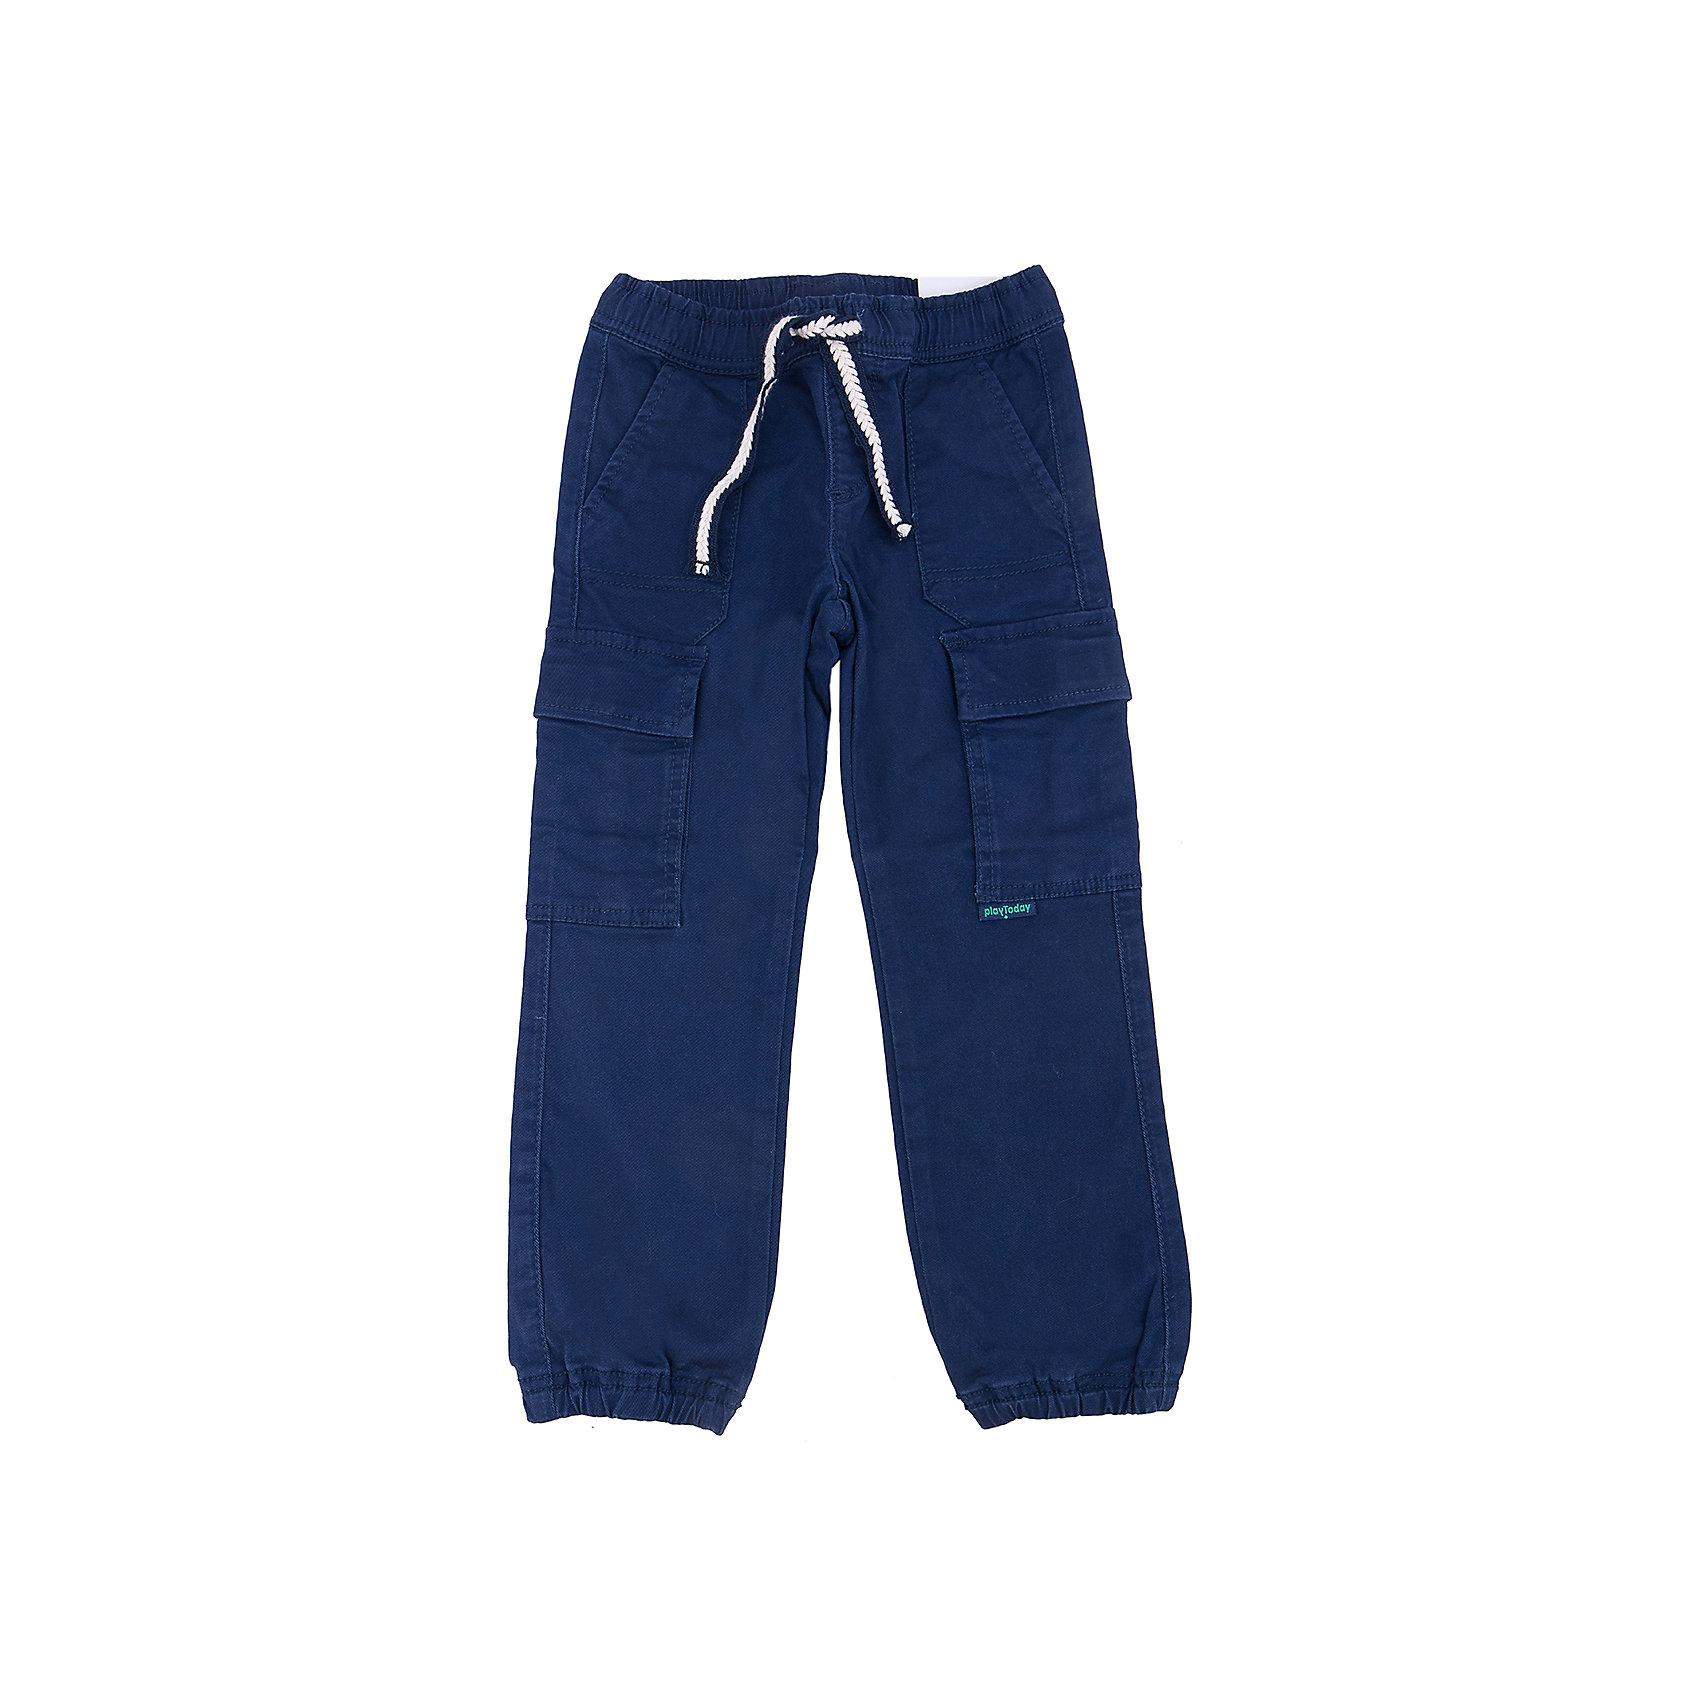 Брюки для мальчика PlayTodayБрюки<br>Брюки для мальчика от известного бренда PlayToday.<br>Стильные твиловые брюки темно-синего цвета. Пояс на резинке, дополнительно регулируется плетеной тесьмой. Есть 5 функциональных карманов. Низ штанишек на резинке.<br>Состав:<br>98% хлопок, 2% эластан<br><br>Ширина мм: 215<br>Глубина мм: 88<br>Высота мм: 191<br>Вес г: 336<br>Цвет: синий<br>Возраст от месяцев: 24<br>Возраст до месяцев: 36<br>Пол: Мужской<br>Возраст: Детский<br>Размер: 98,128,110,116,122,104<br>SKU: 4898159